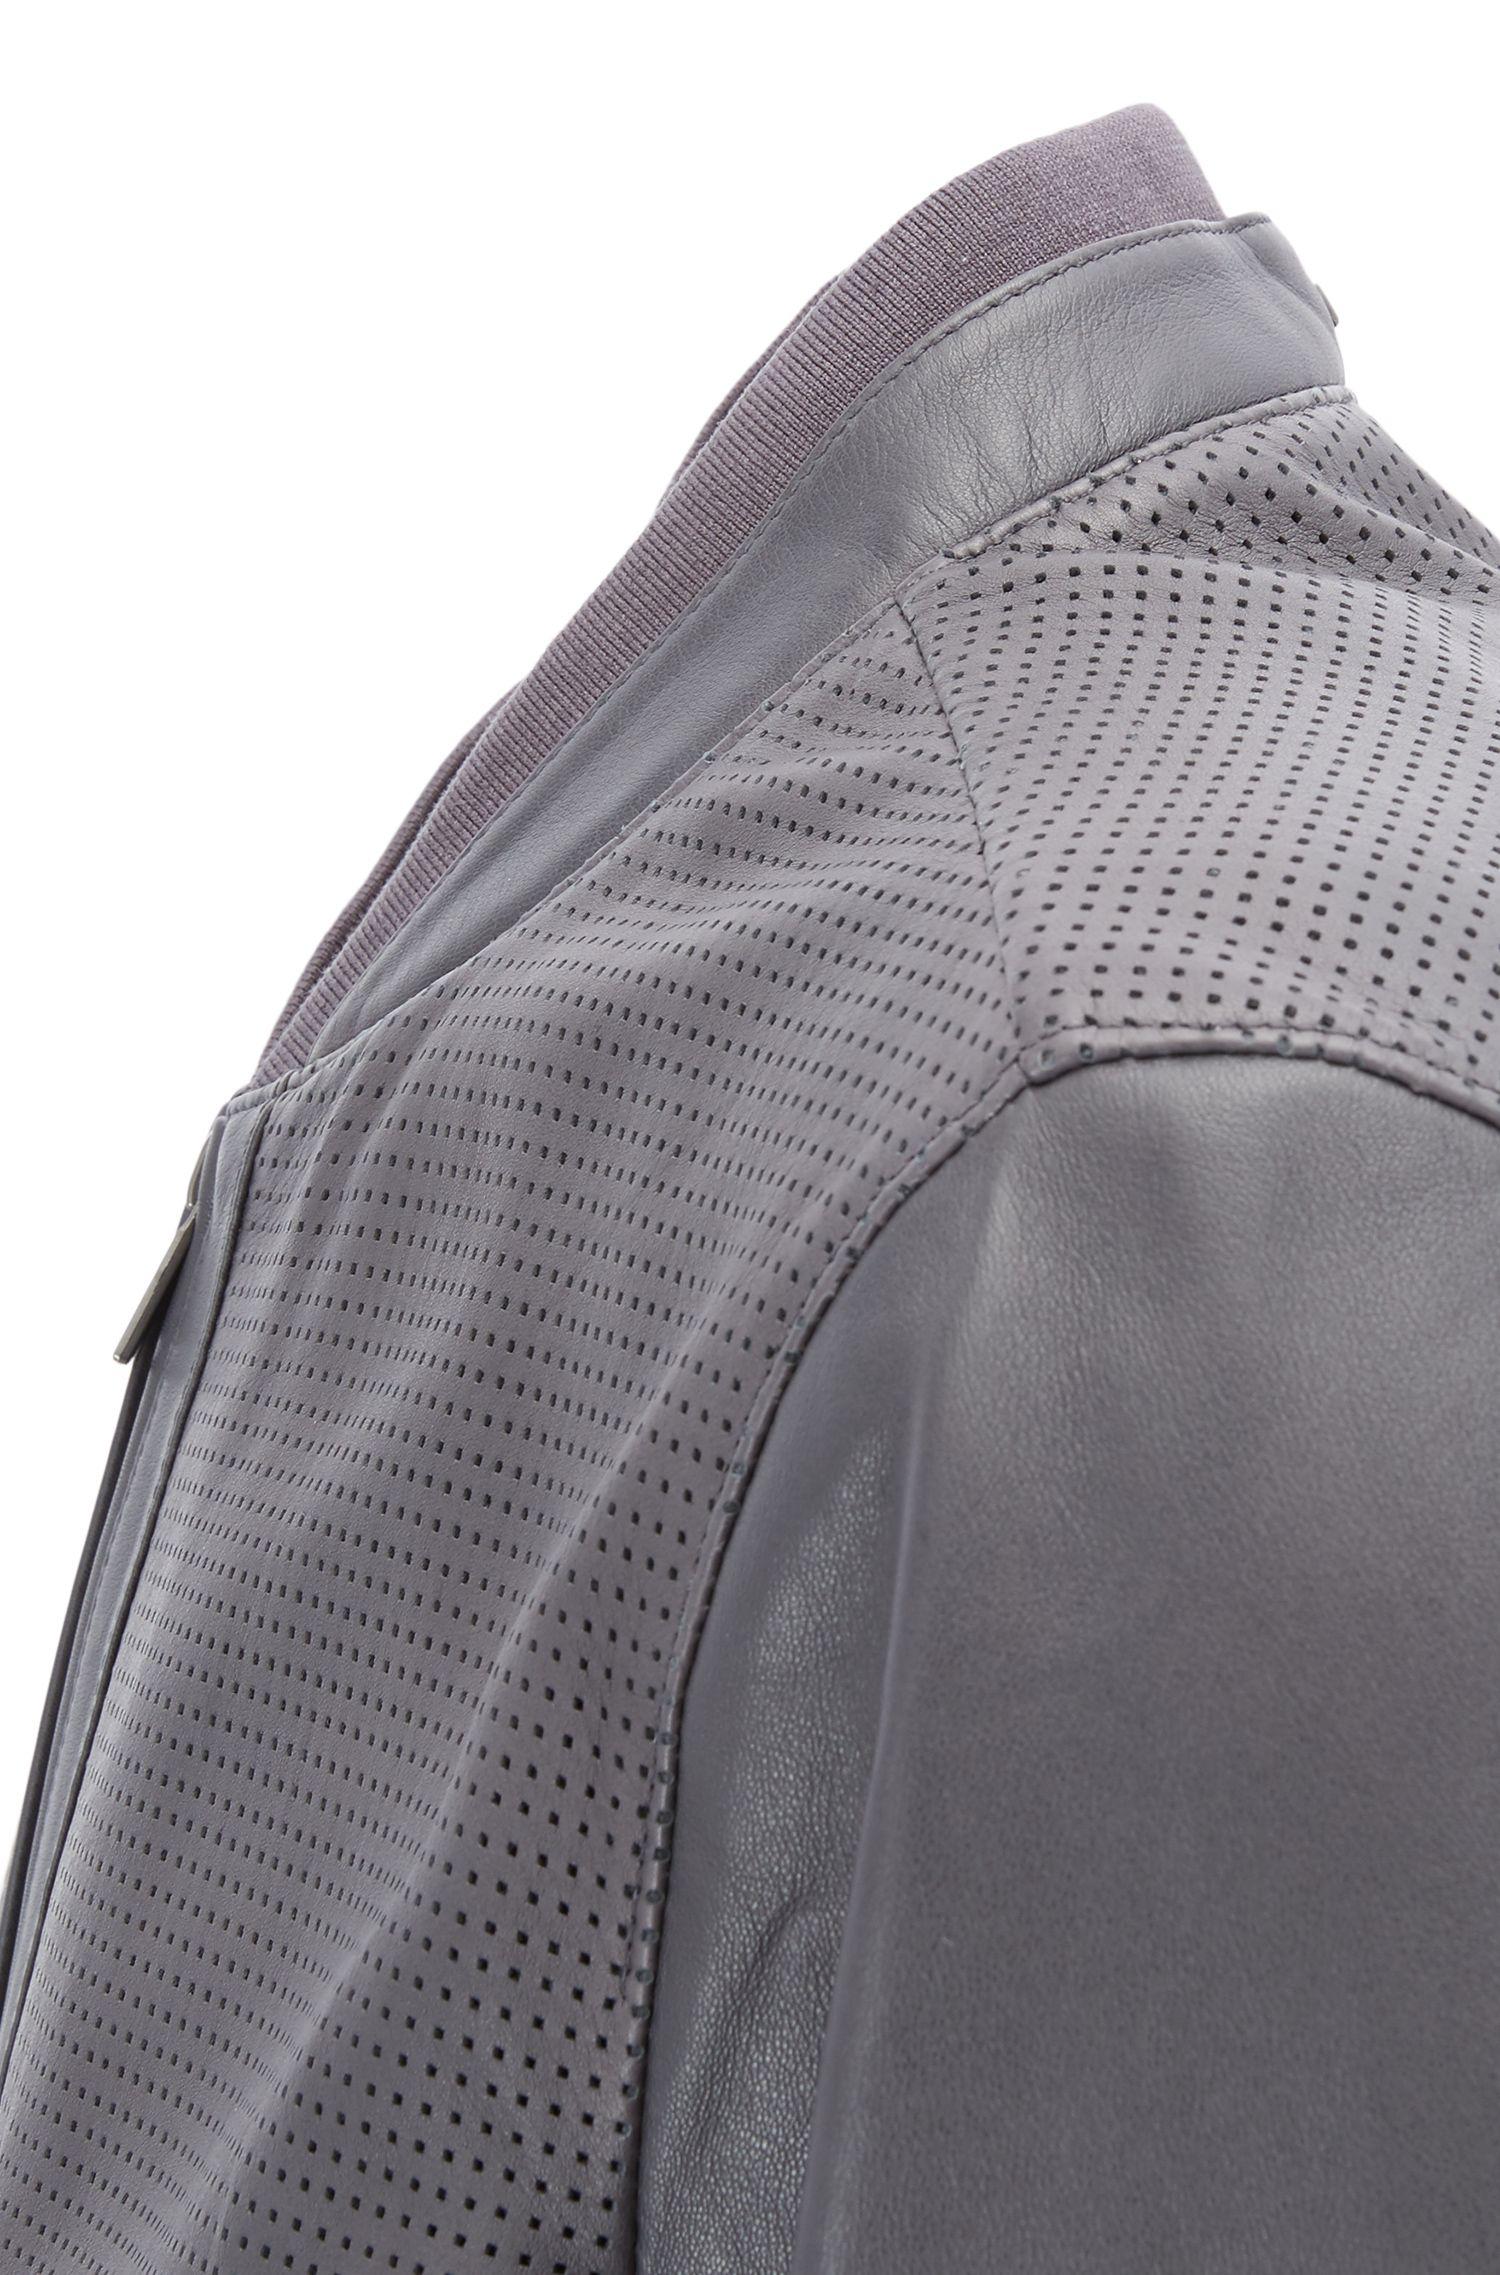 Perforated Sheepskin Leather Jacket | Gerroy